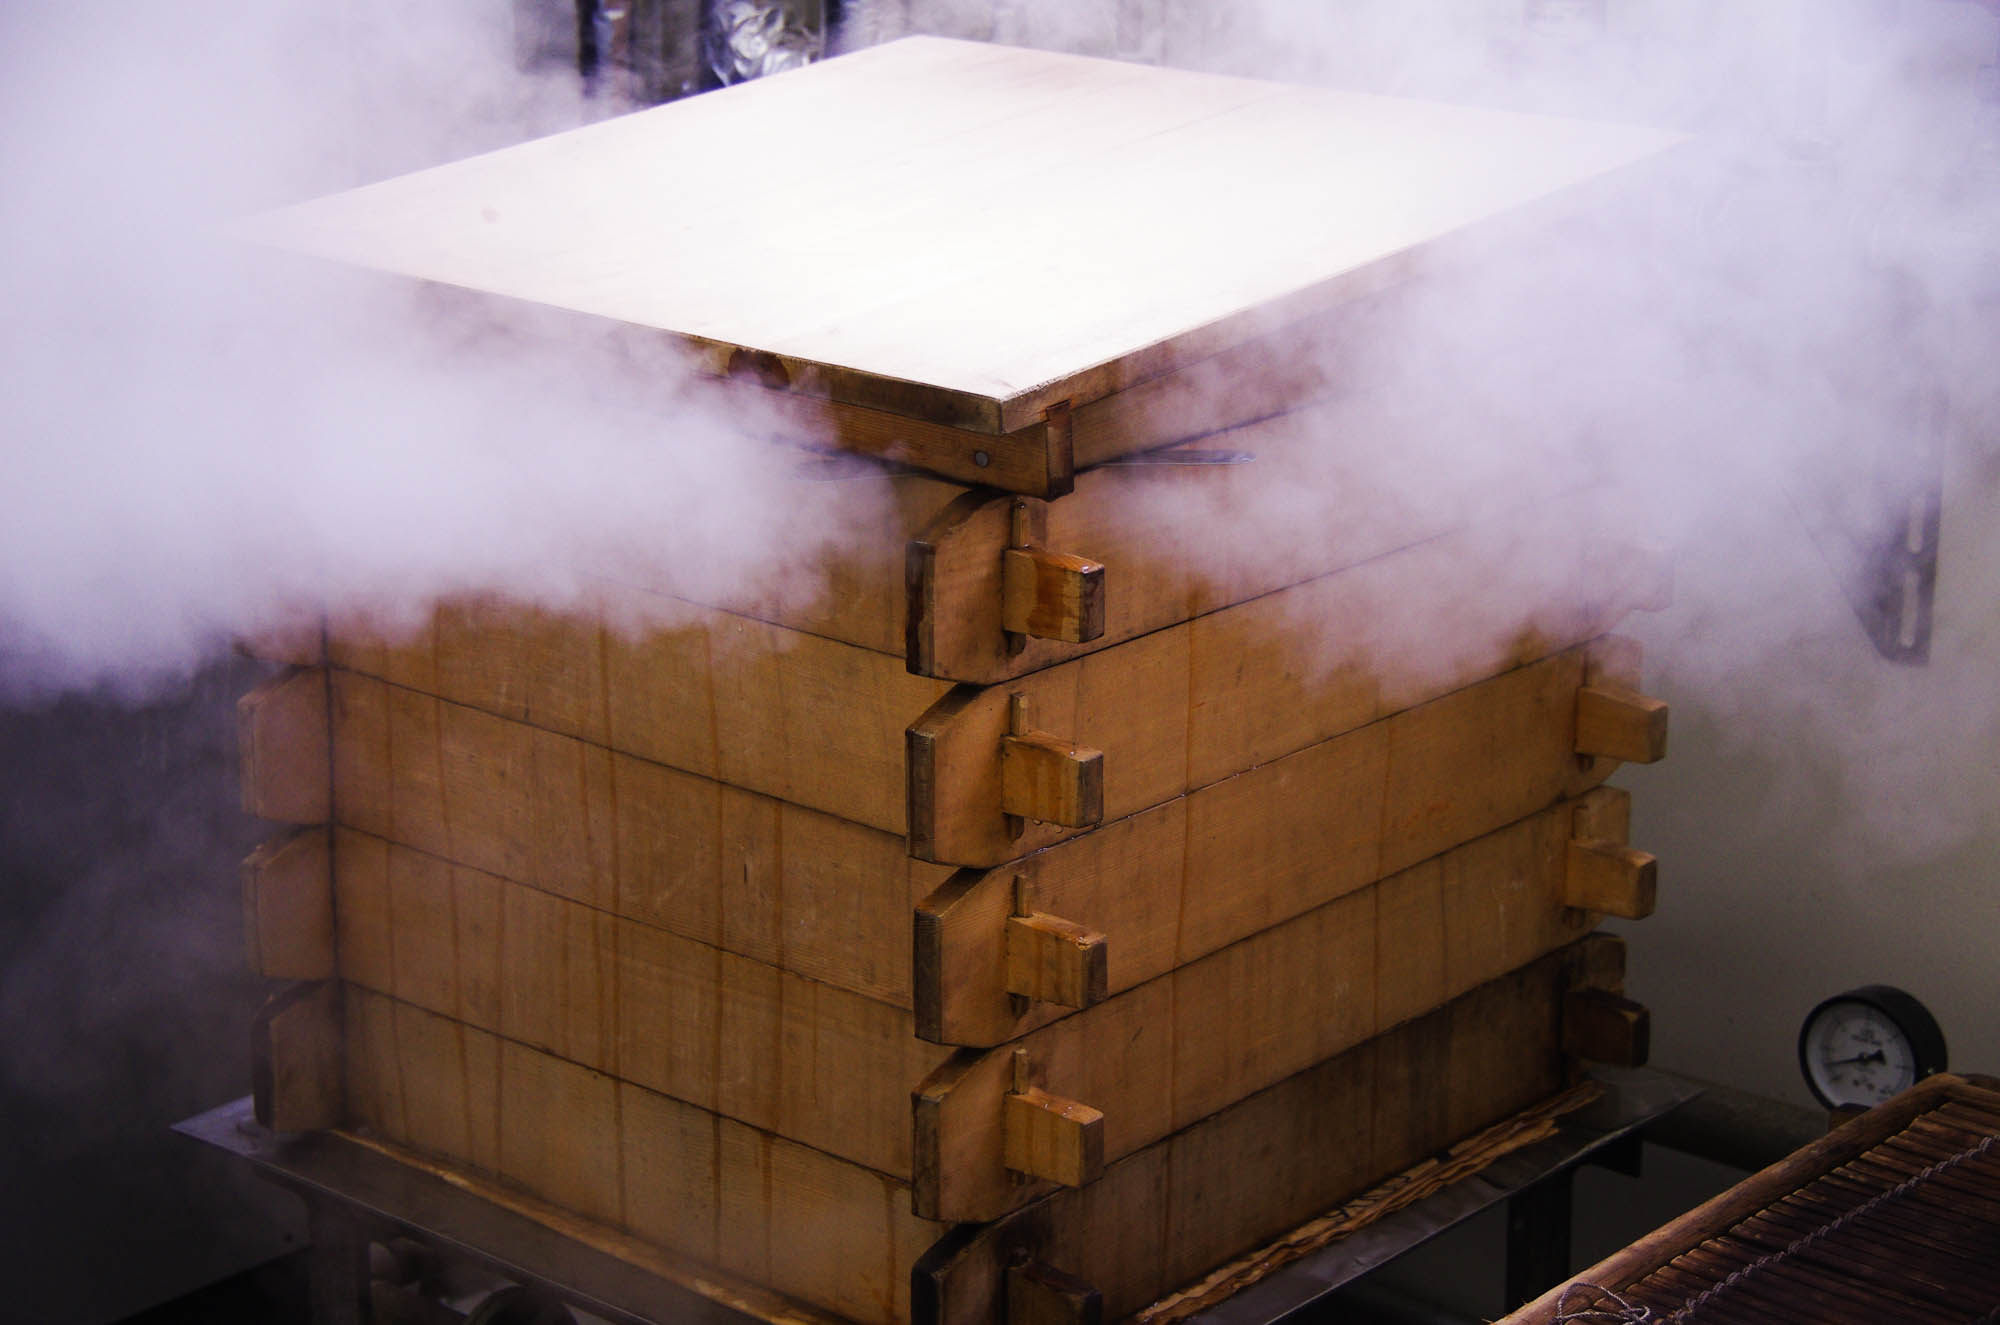 山形県アンテナショップおいしい山形 つくり手を訪ねて 蒸し器にかけ、蒸気で蒸し上げます。蒸気の加減は、職人の長年の経験で見極められます。